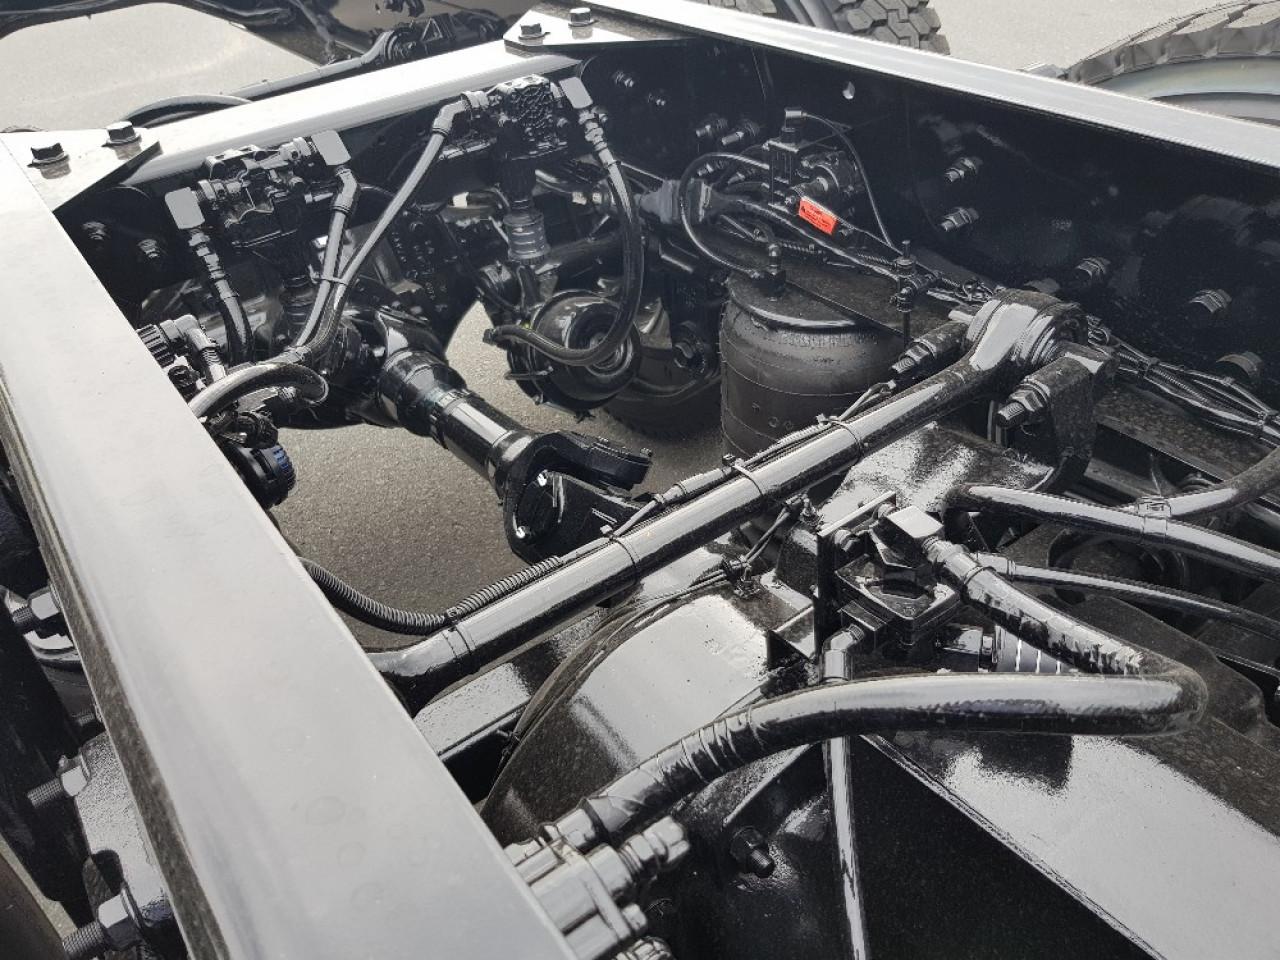 2018 Iveco Acco 8X4 Agi Spec